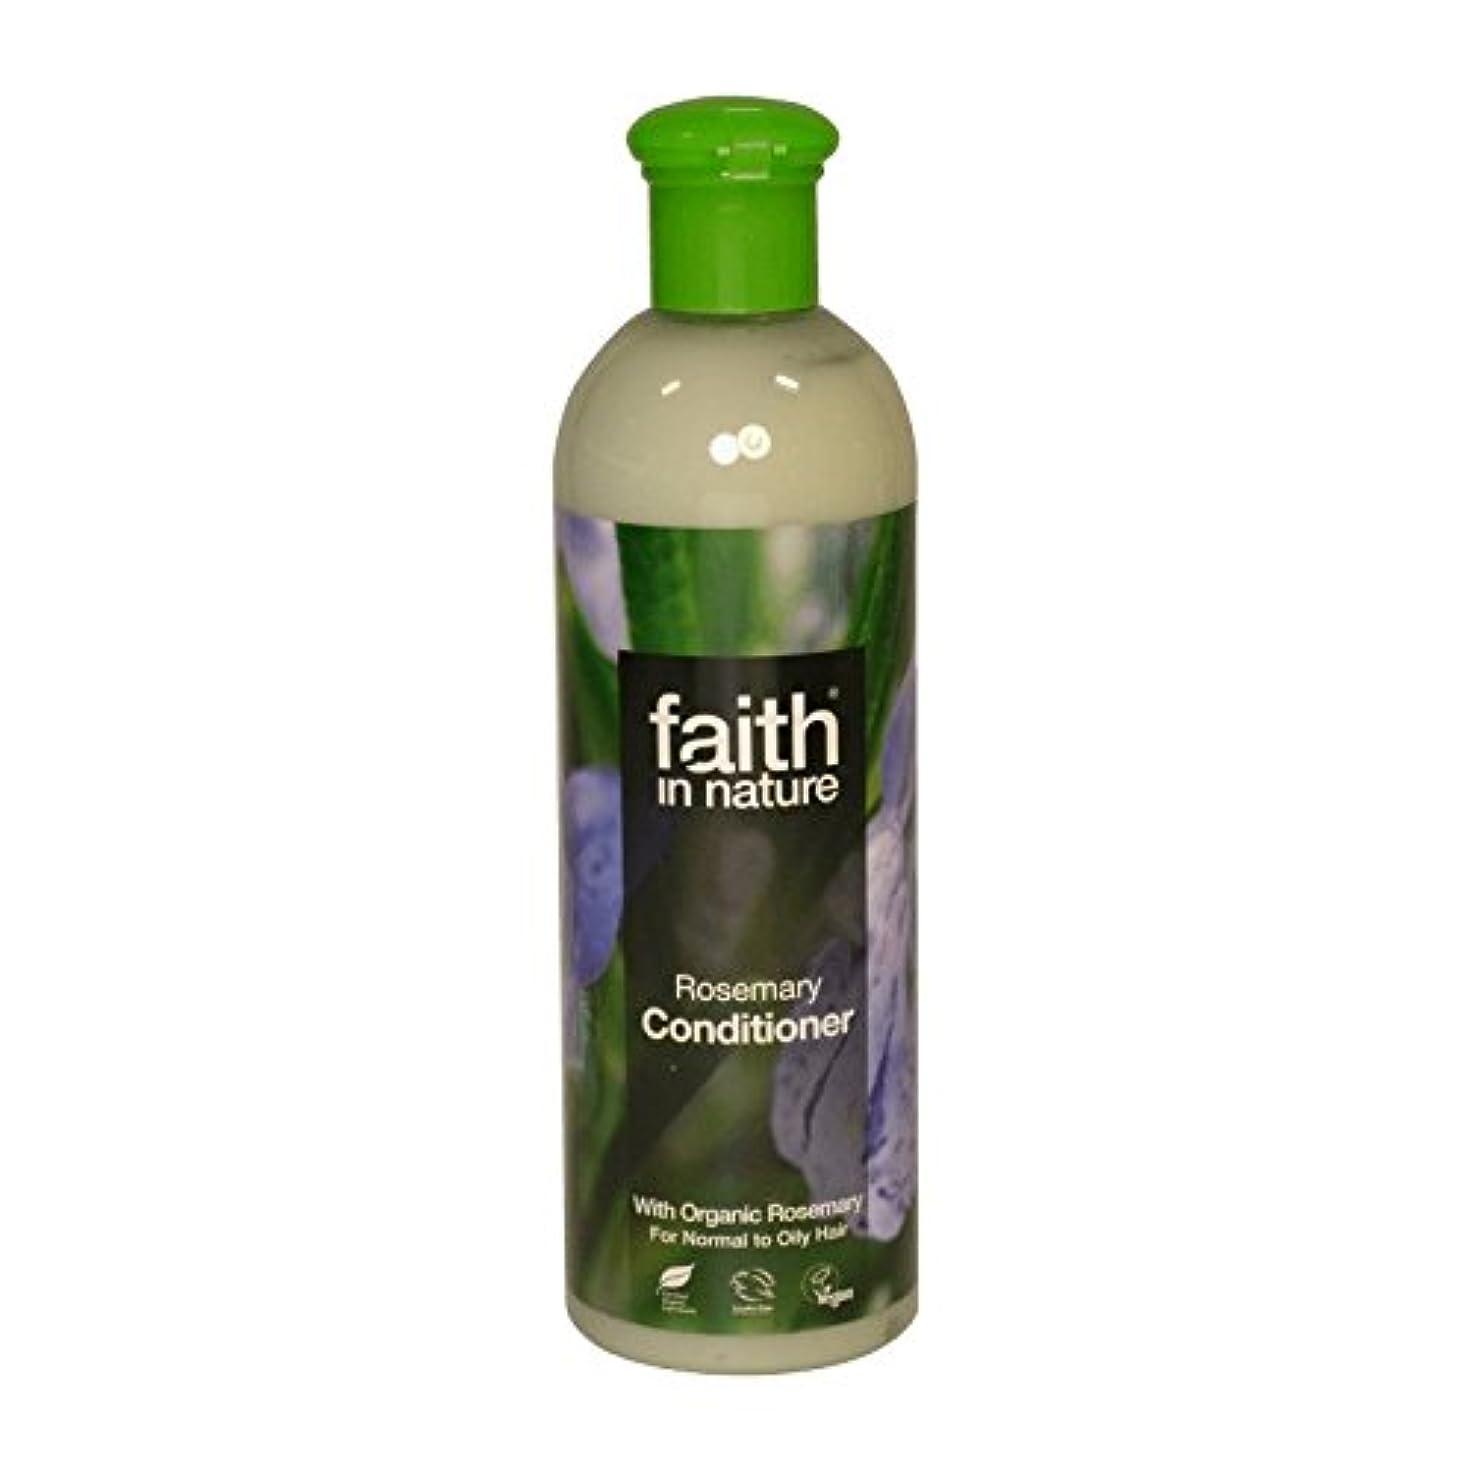 モードリン混合殺人Faith in Nature Rosemary Conditioner 400ml (Pack of 2) - 自然ローズマリーコンディショナー400ミリリットルの信仰 (x2) [並行輸入品]